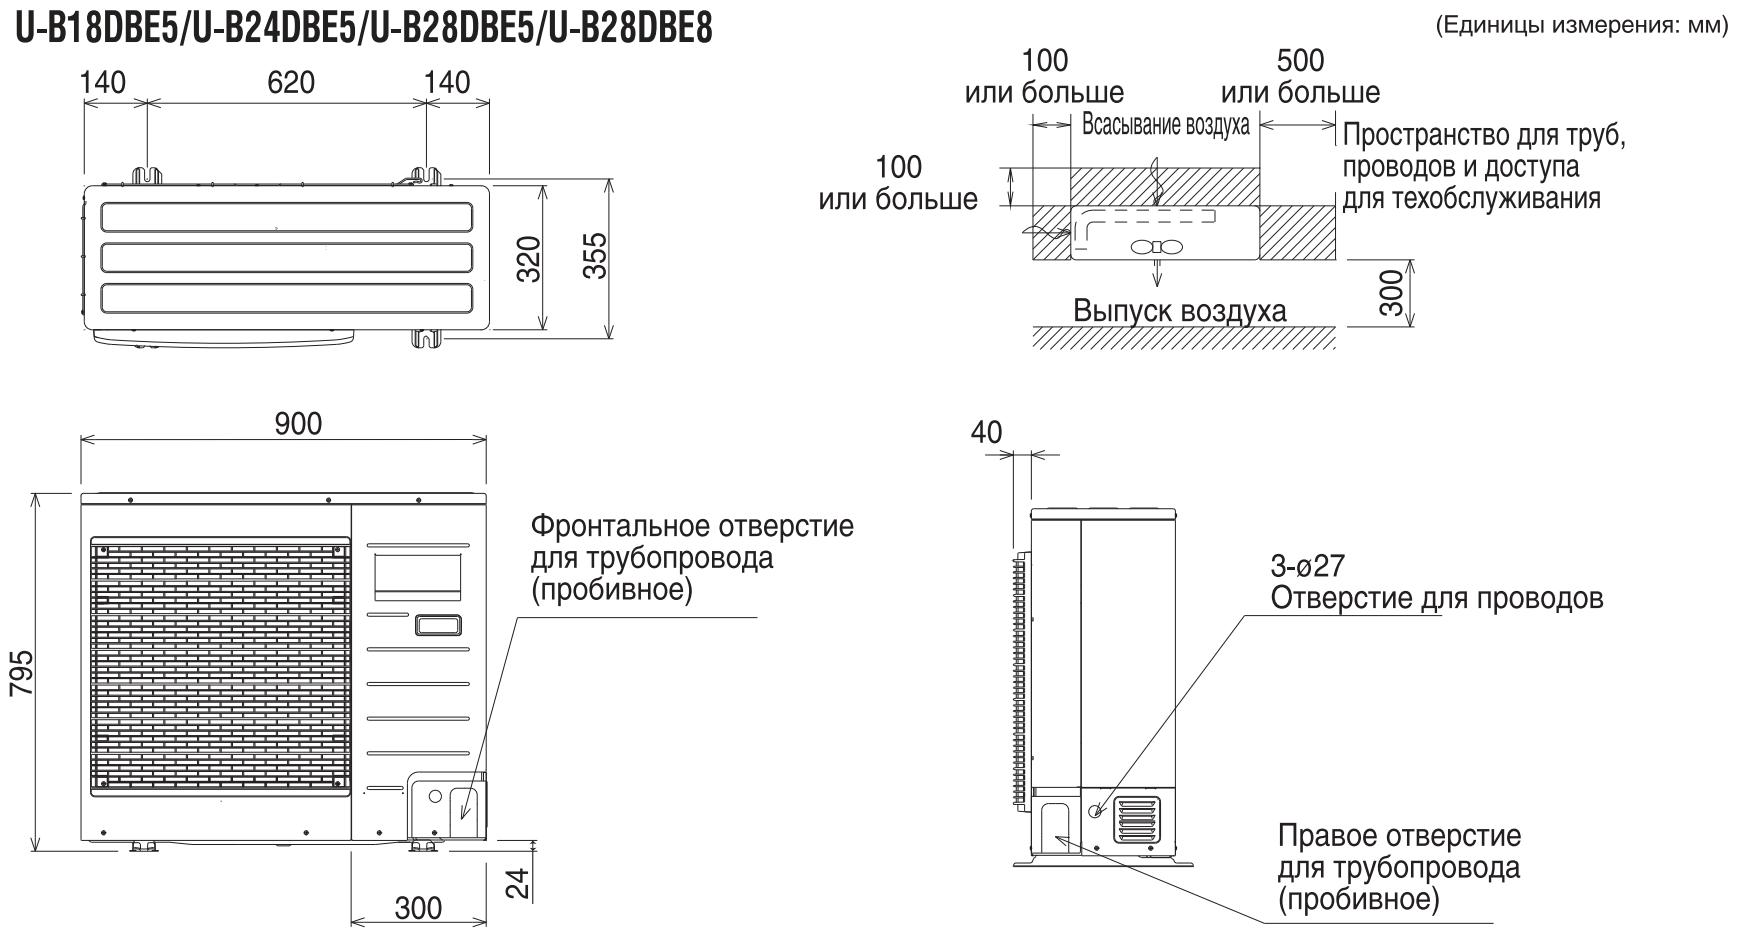 Габаритные размеры кондиционера U-B24DBE5